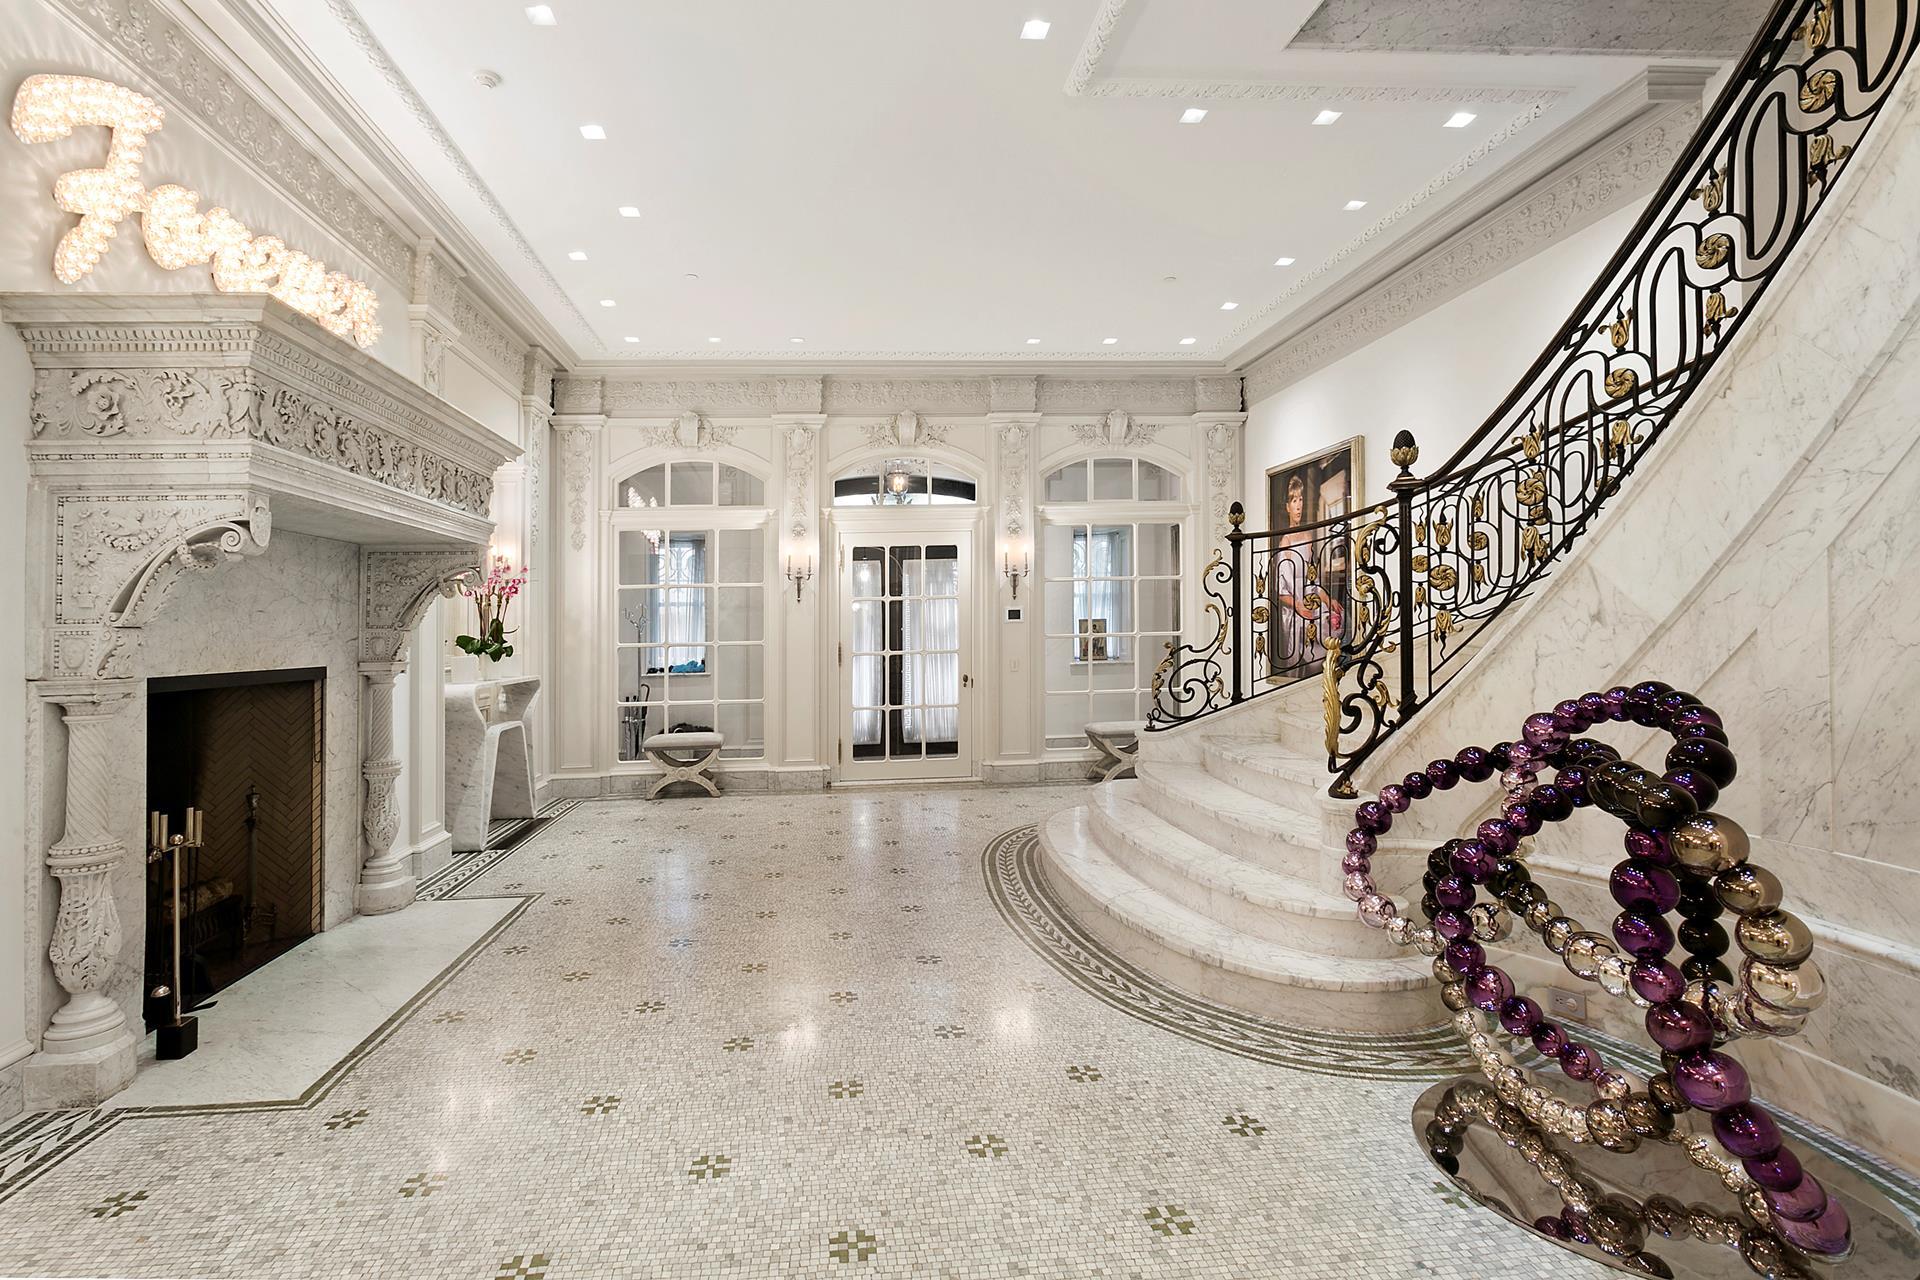 別荘 / タウンハウス のために 売買 アット 8 EAST 62ND STREET 8 East 62nd St New York, ニューヨーク,10021 アメリカ合衆国